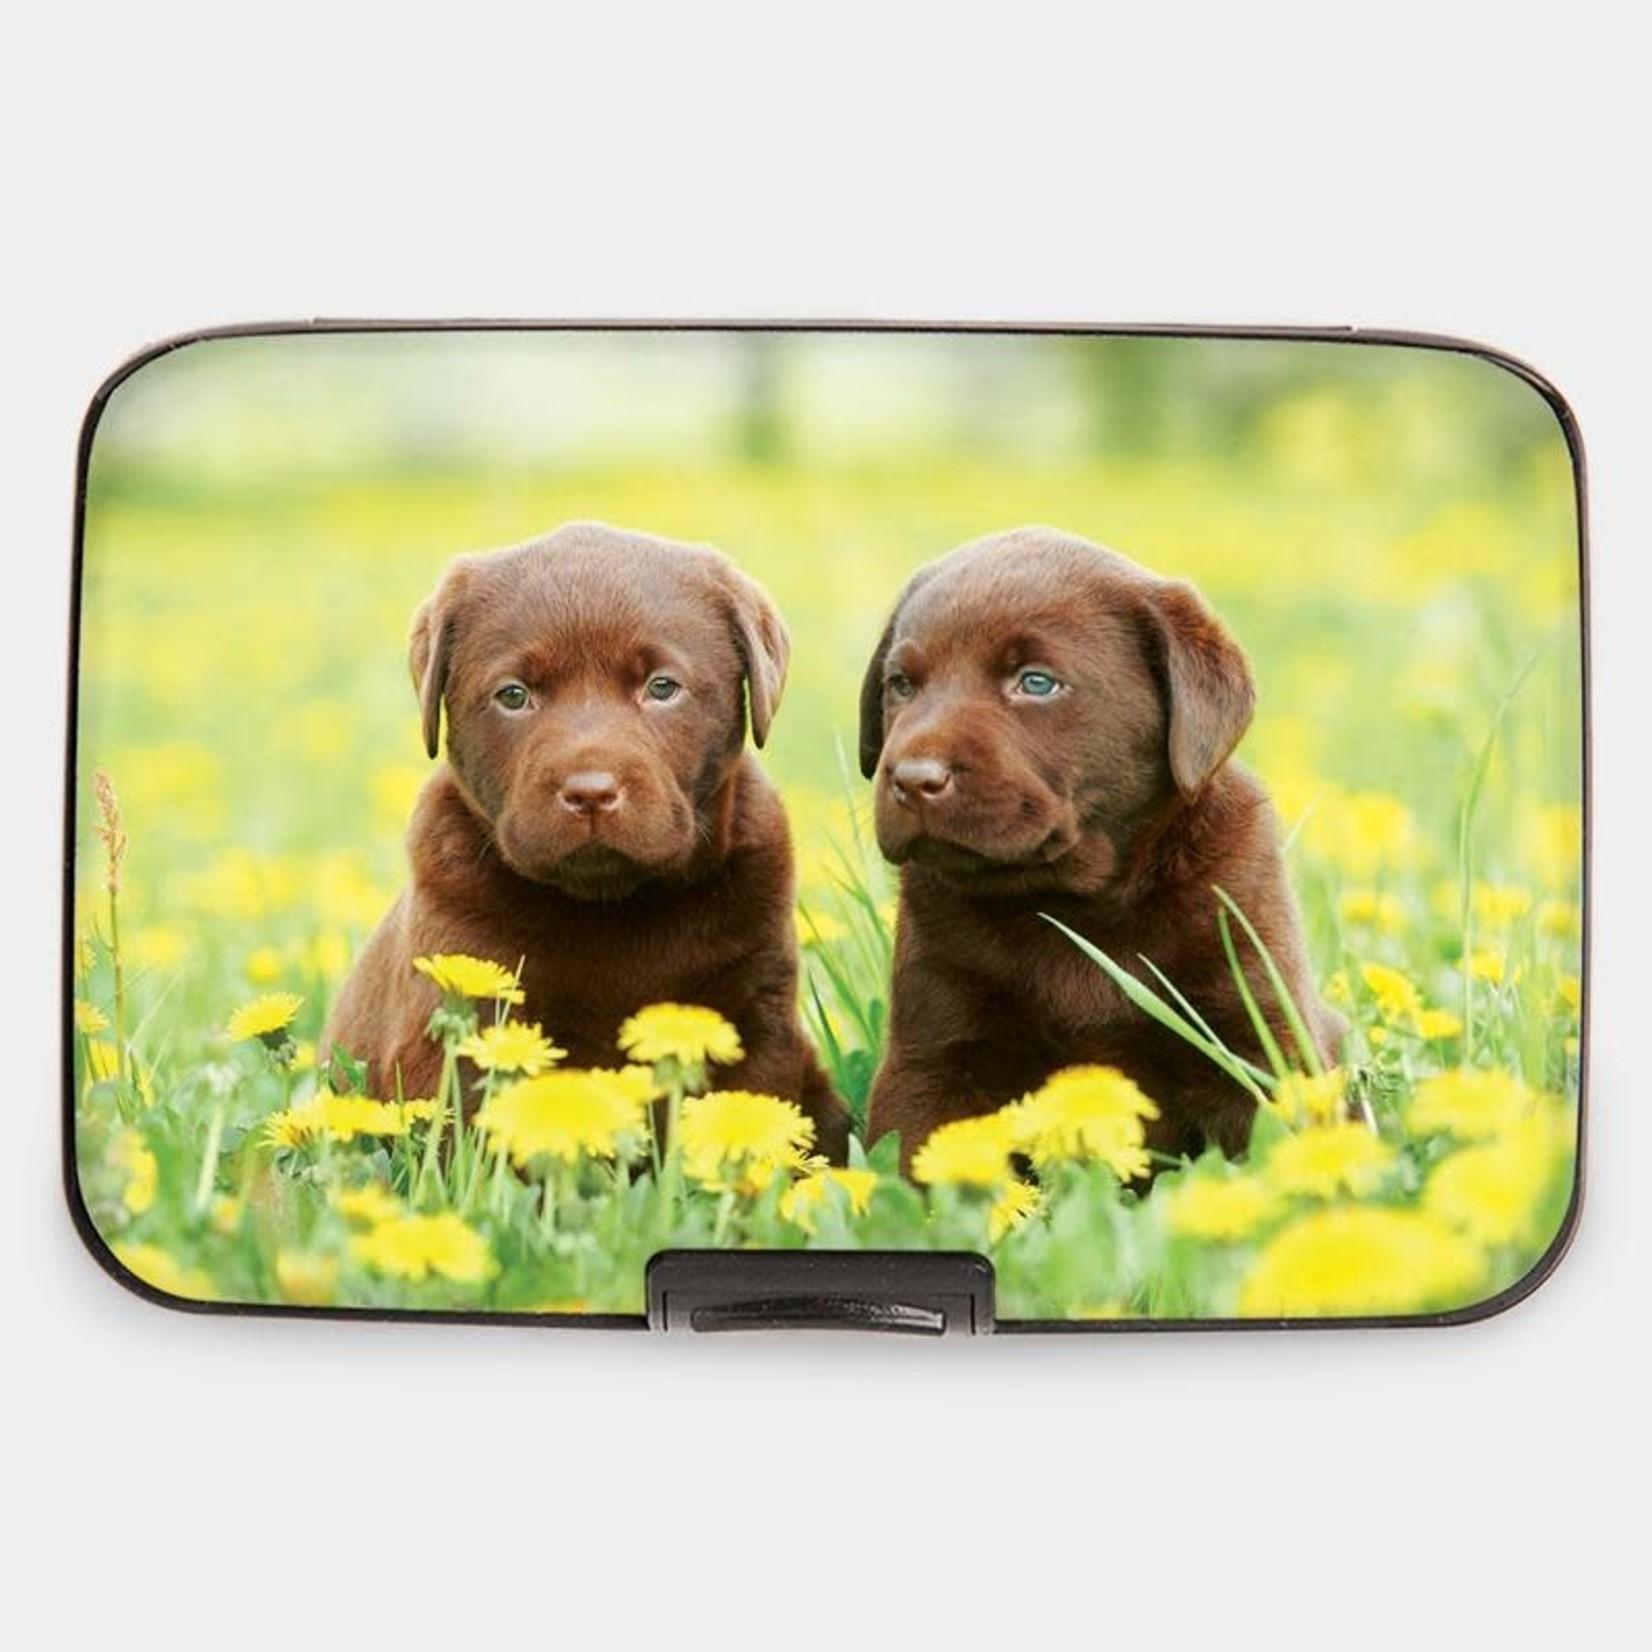 Monarque Armored Wallet - Puppies Labrador